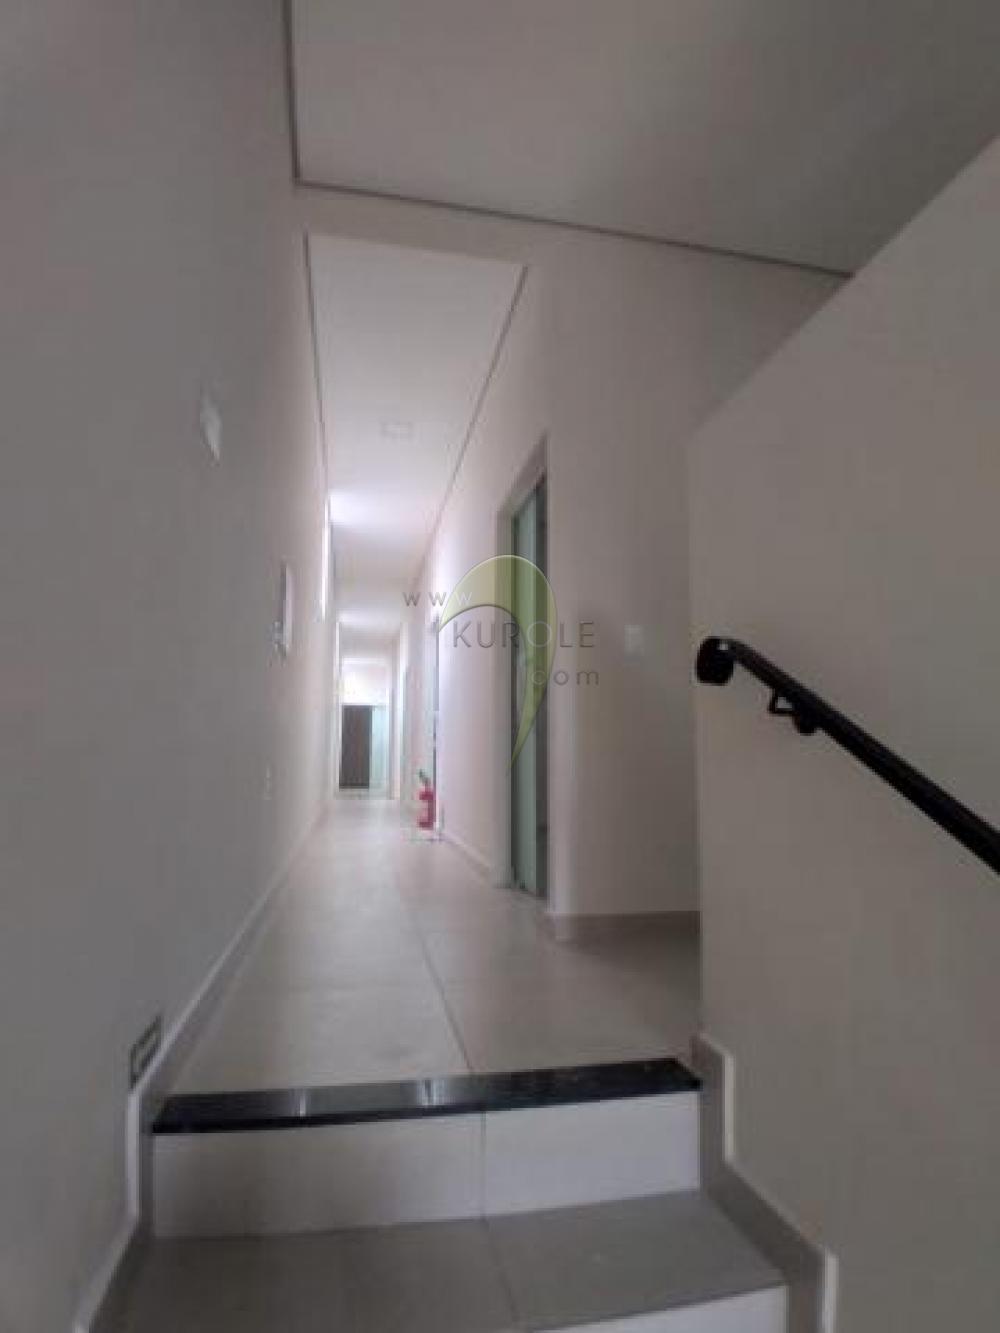 alt='Comprar Apartamento / Cobertura em Pradópolis R$ 150.000,00 - Foto 3' title='Comprar Apartamento / Cobertura em Pradópolis R$ 150.000,00 - Foto 3'